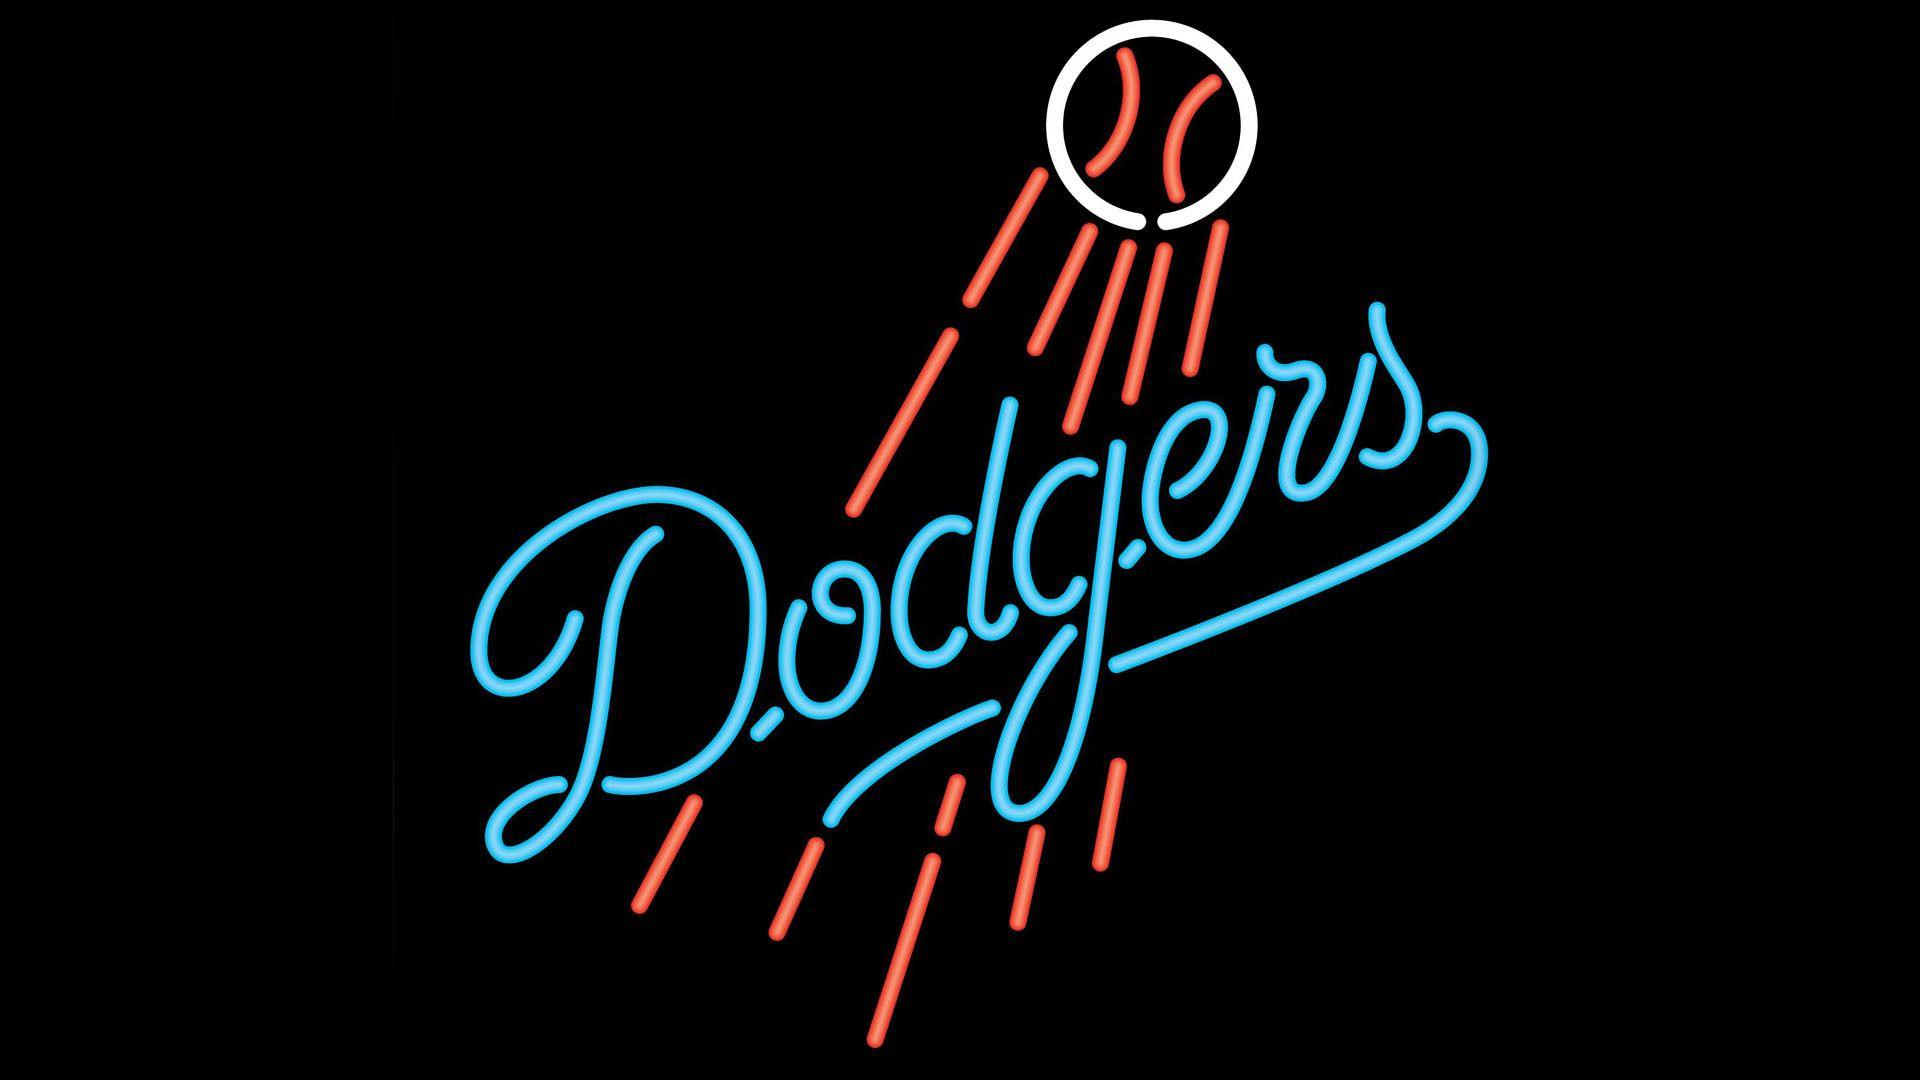 Dodgers hd wallpaper 1080